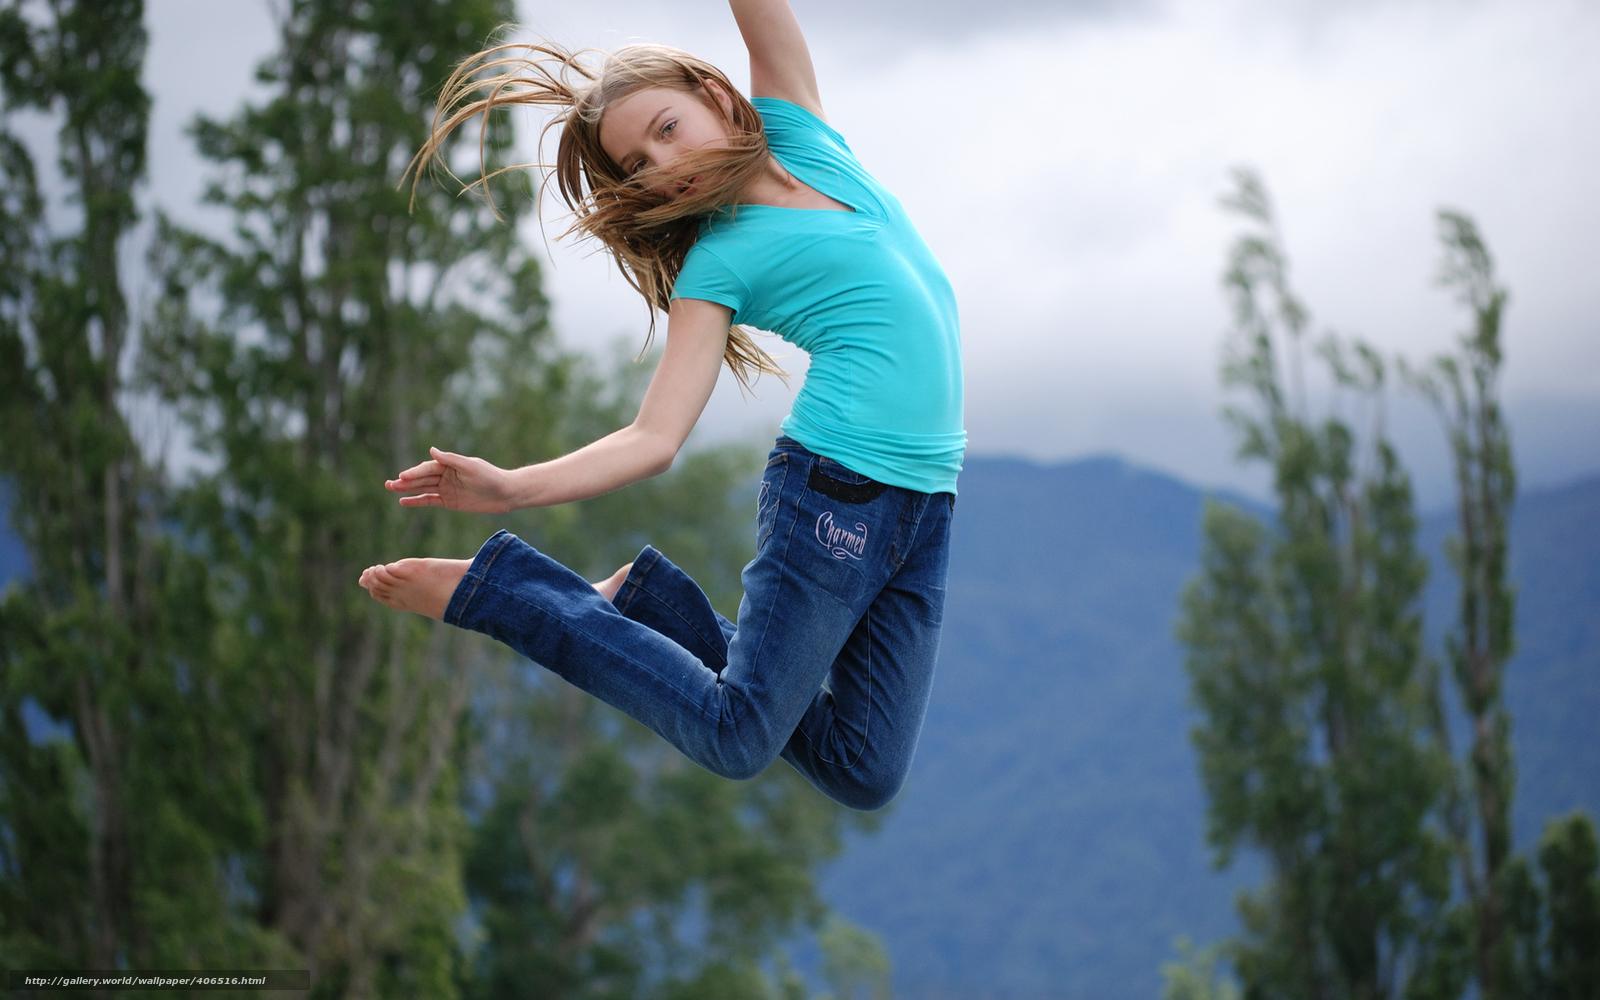 как красиво сфотографироваться в прыжке грифола курчавая или